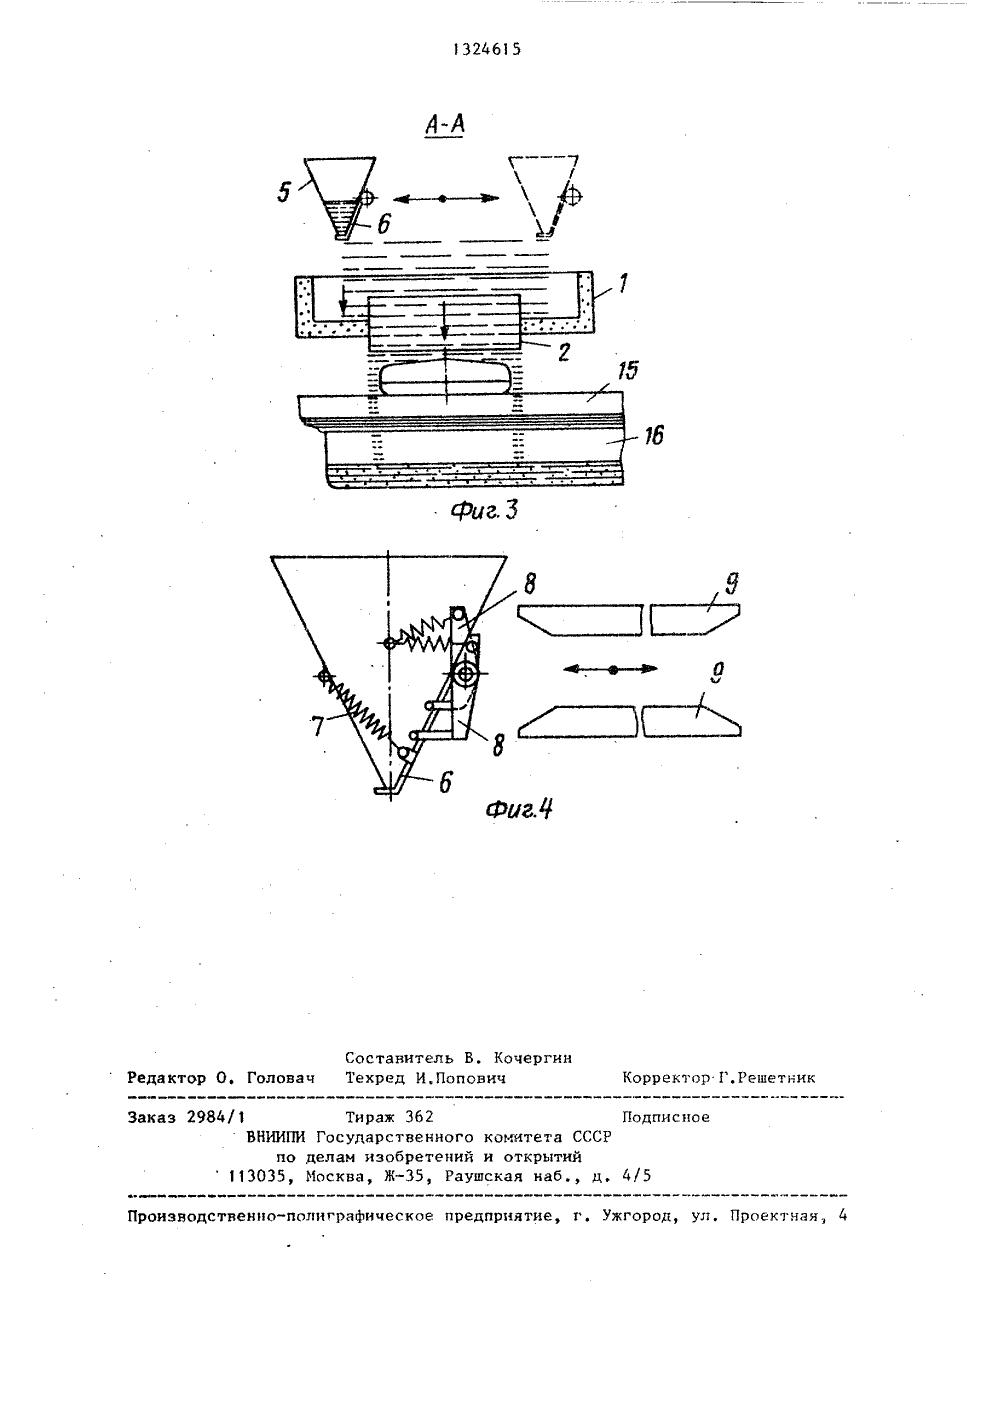 блок-схема кондитерсских изделий